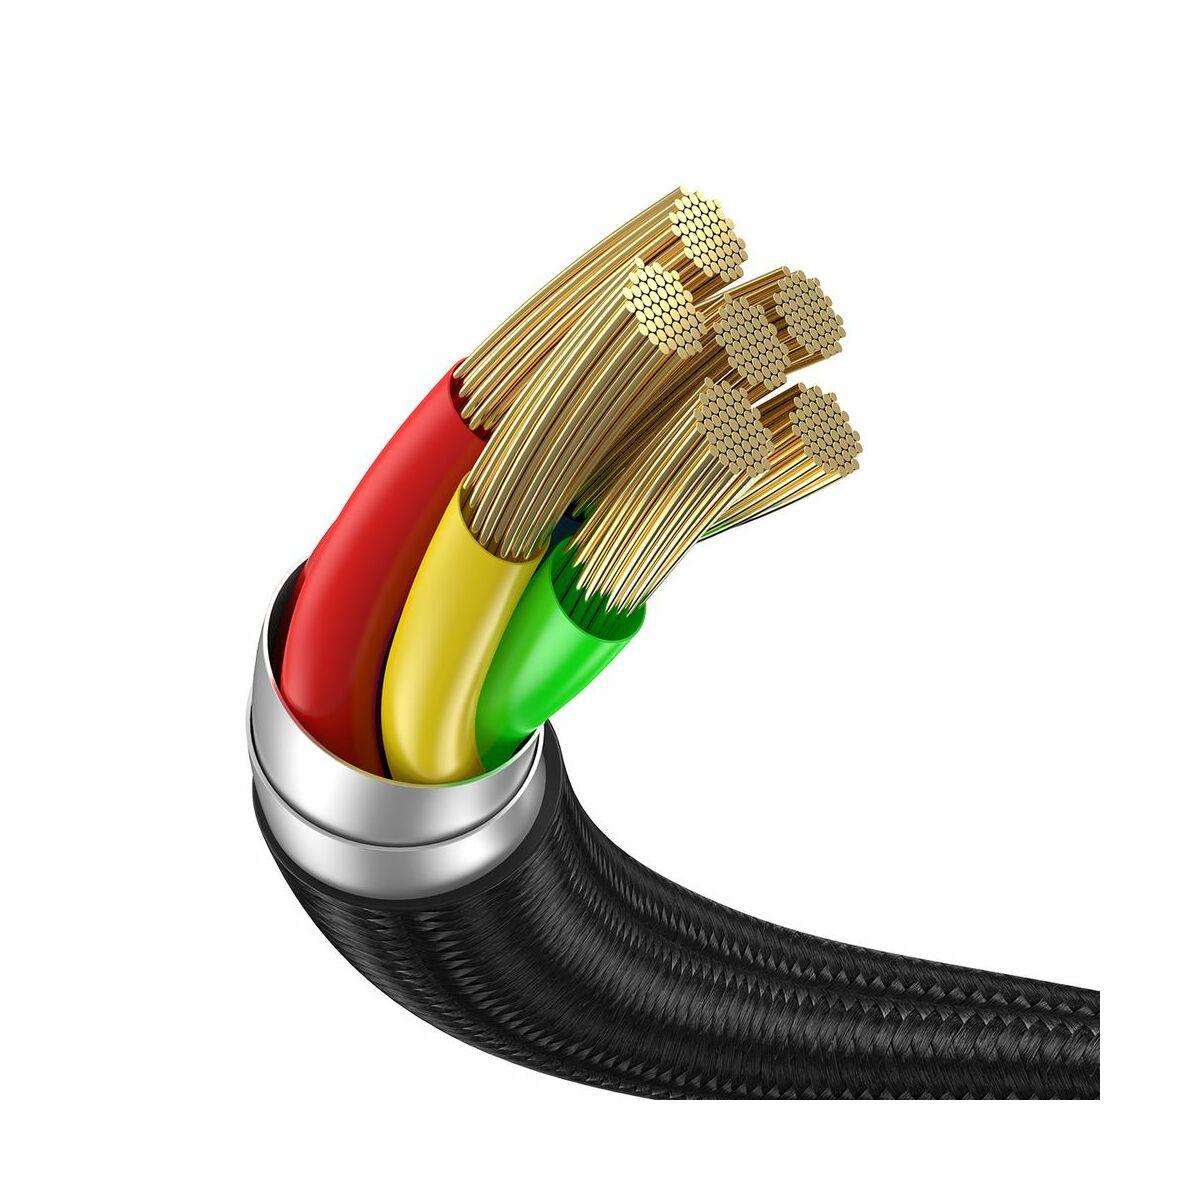 Baseus Univerzális kábel, Cafule Series 2-in-1 Type-C + okosóra töltő dokkoló, 5A, 1.5m, fekete/szürke (CA1T2-G1)